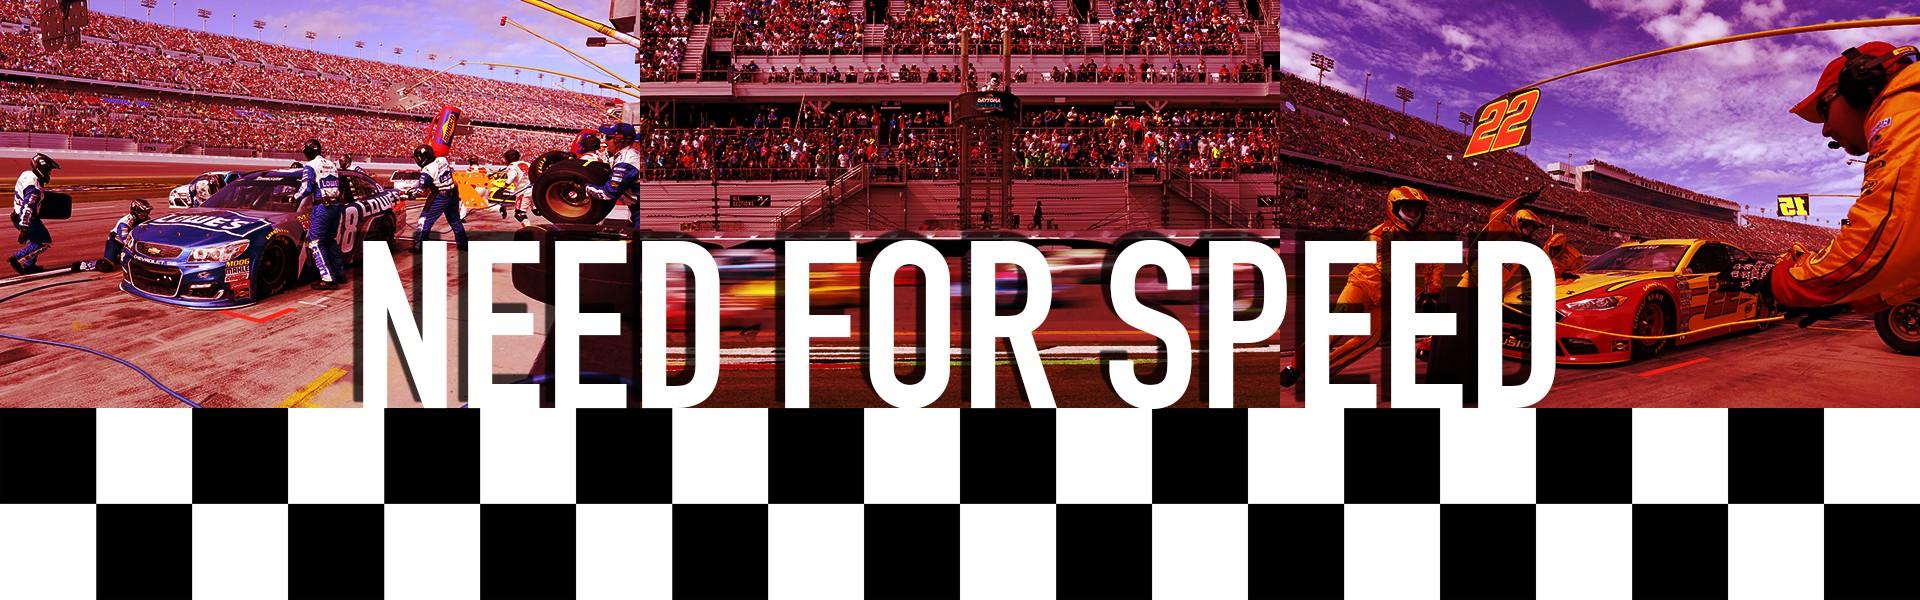 About the Daytona 500